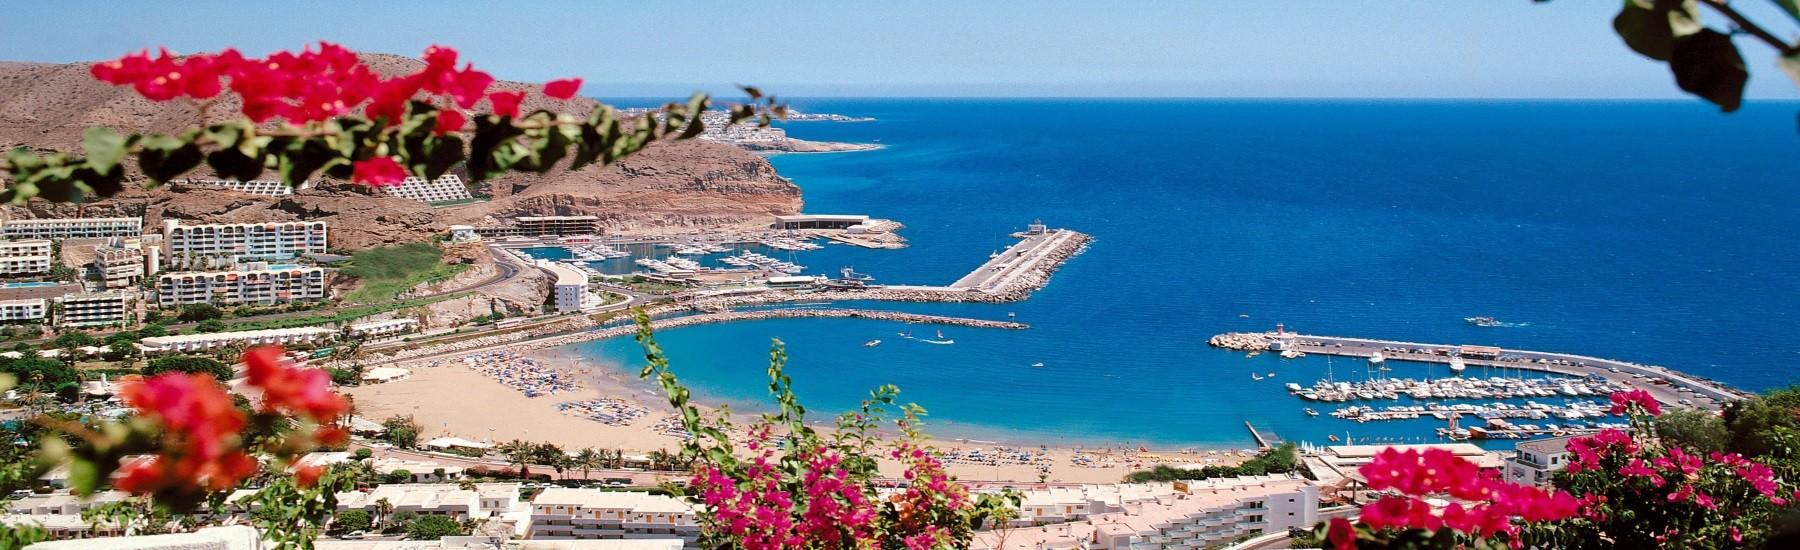 Gran Canaria - Puerto Rico excursions